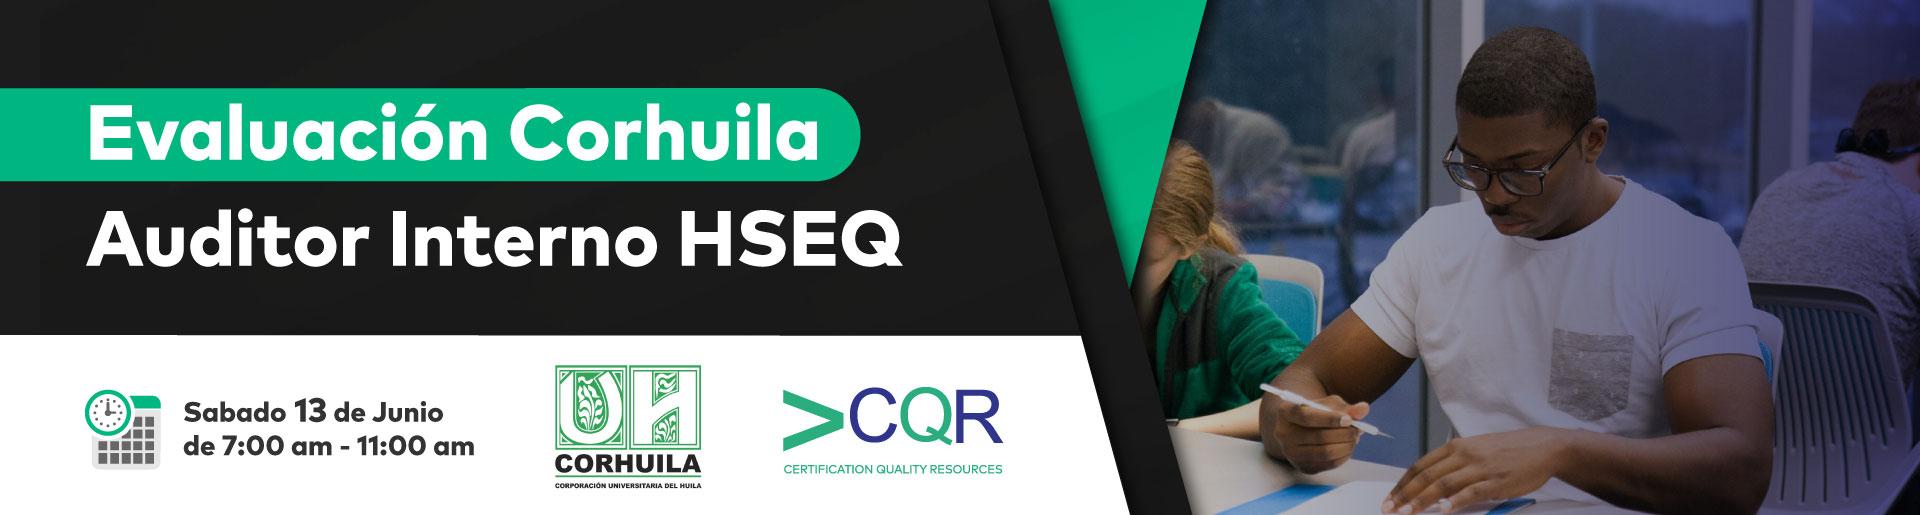 Evaluación Auditores Internos HSEQ Corhuila